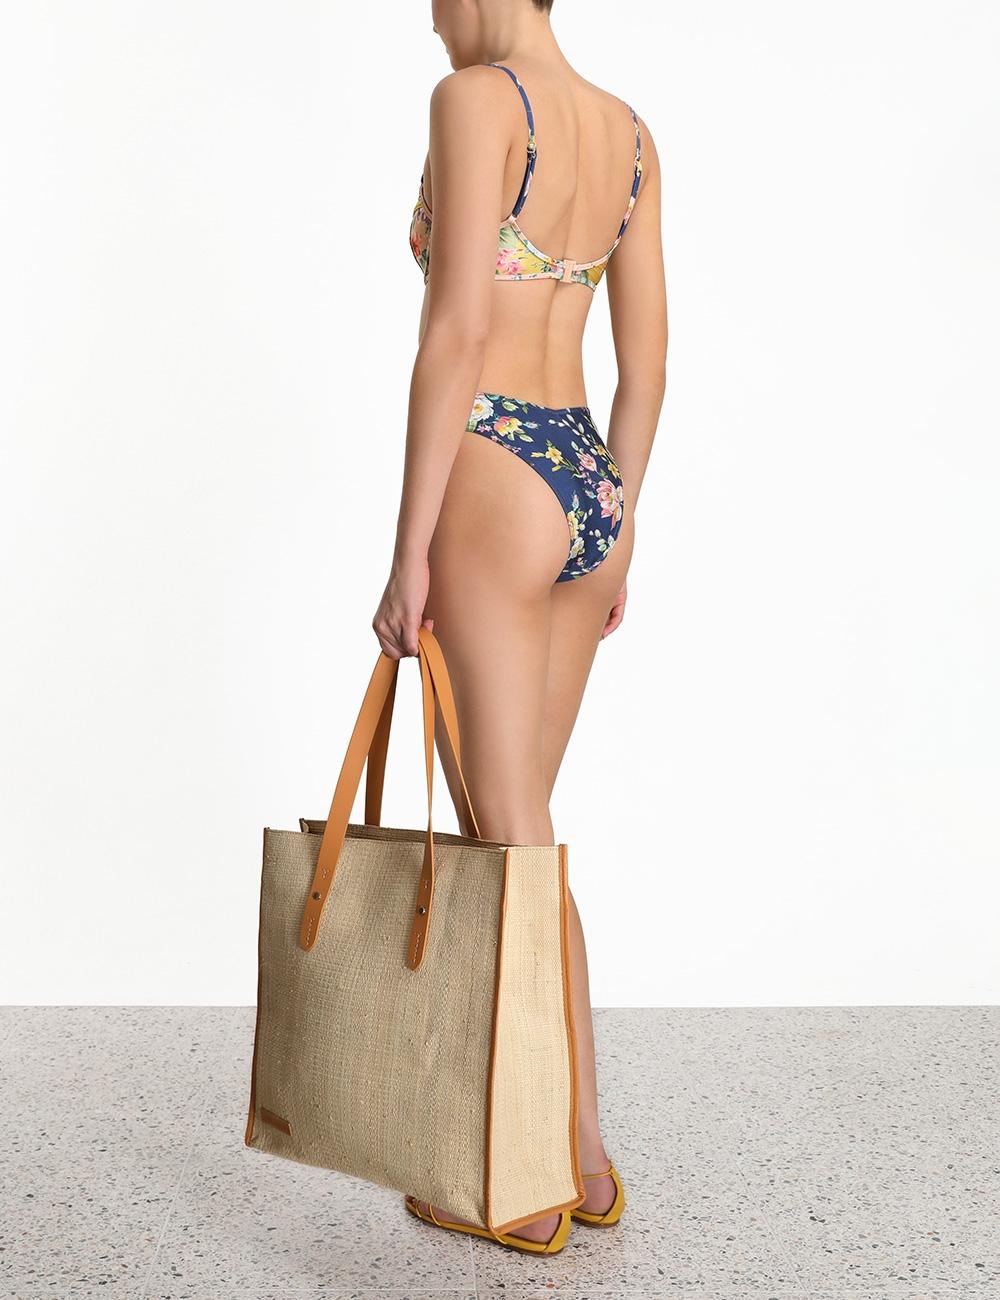 Zinnia Balcony Bikini Bra